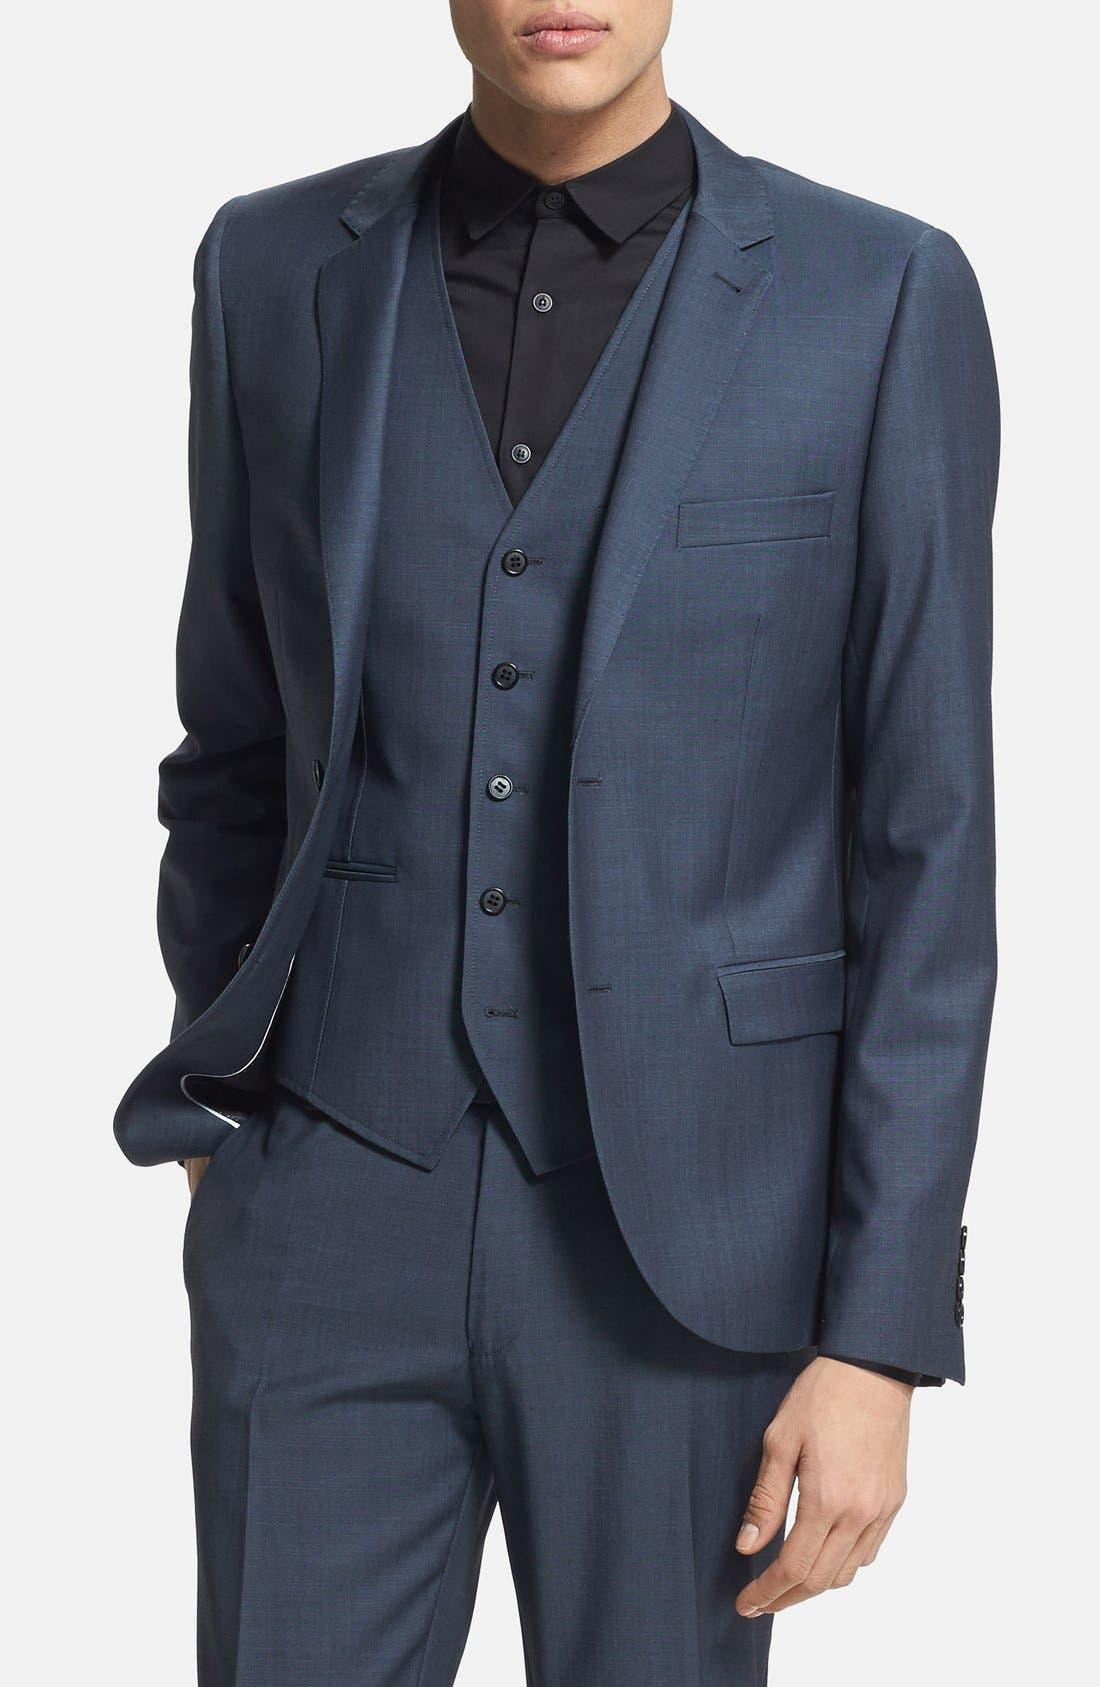 Alternate Image 1 Selected - Topman Skinny Fit Navy Suit Jacket